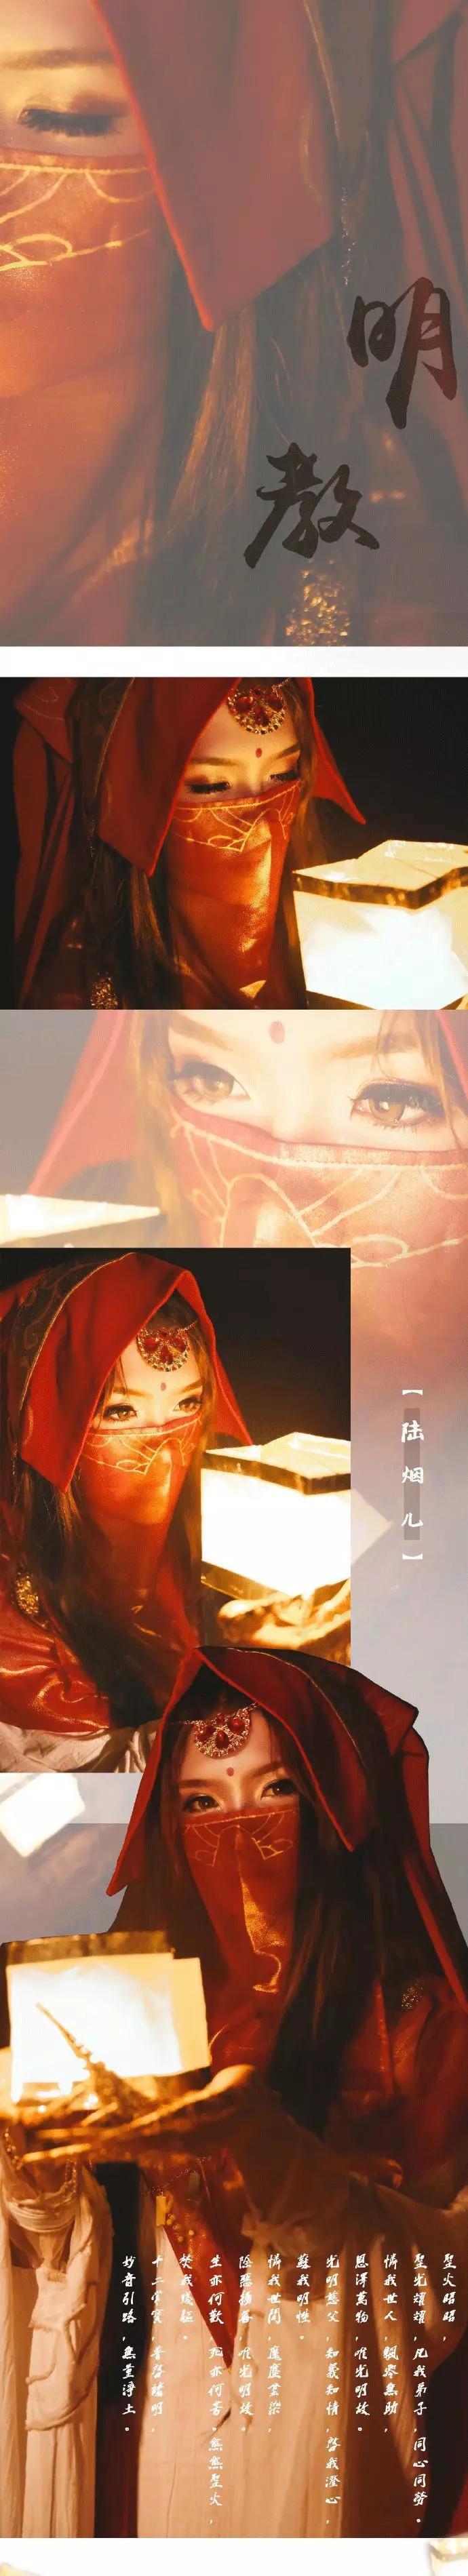 剑网三明教圣女陆烟儿,风华绝代,睁眸时吸引了我的全部心神